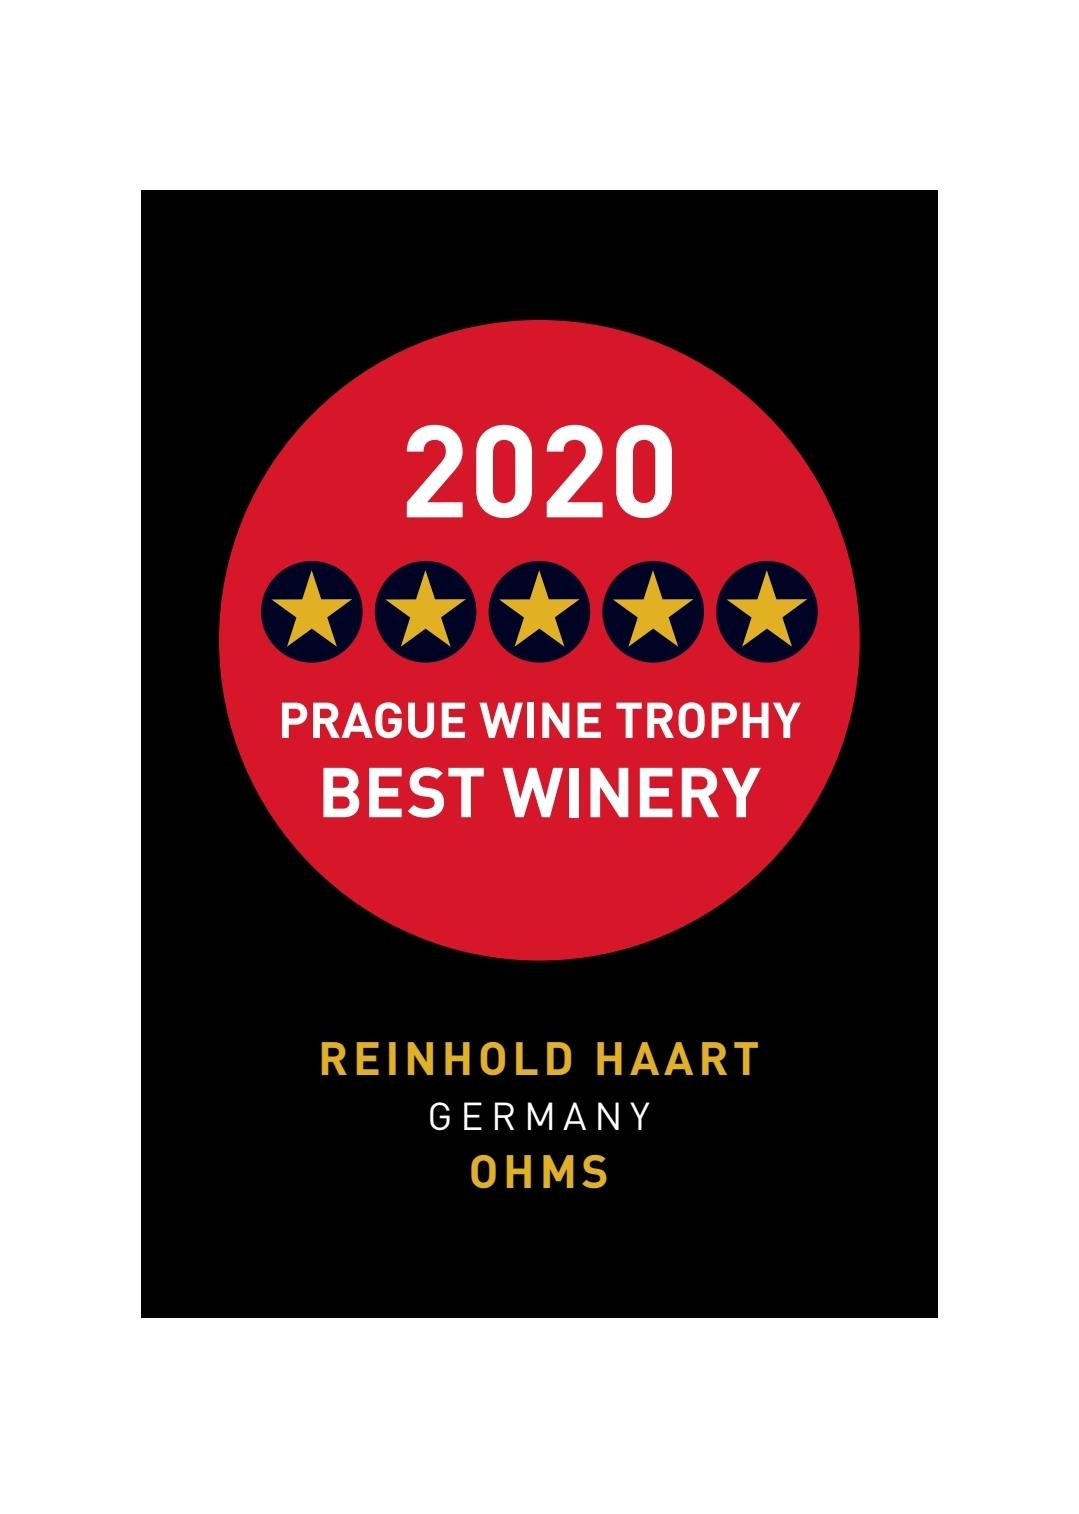 PWT 2020 Reinhold Haart